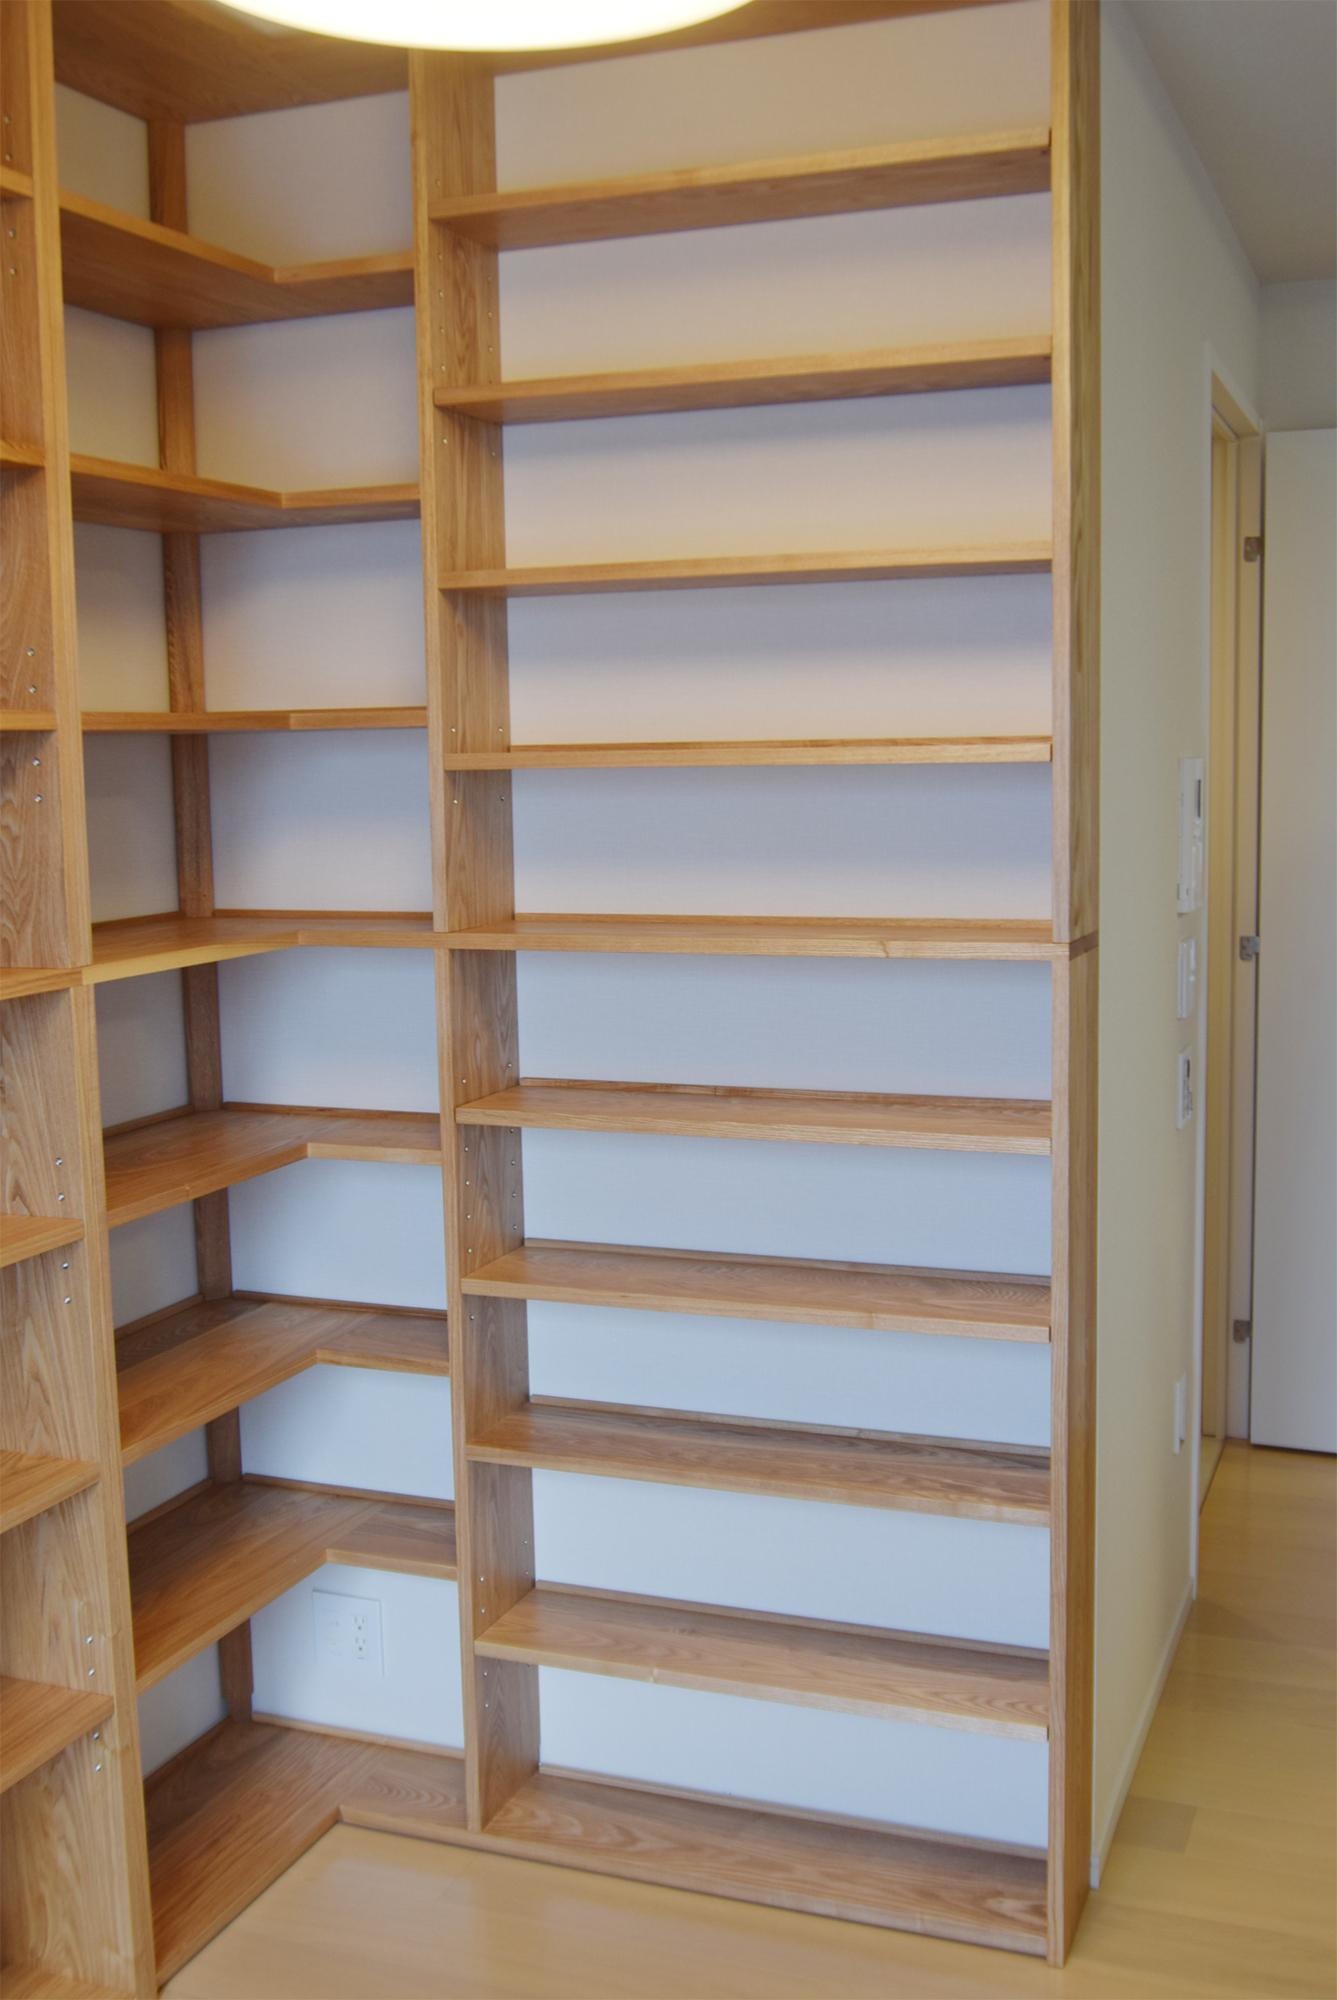 TANA 壁面いっぱいの本棚 タモ材 右側側壁面